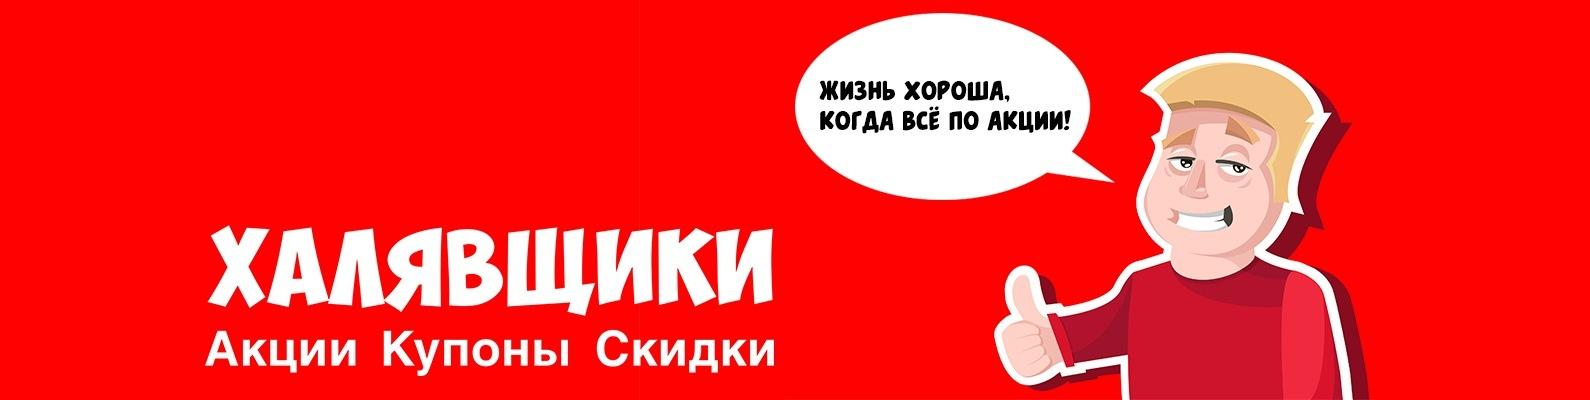 3e23d86020e9 Халявщики - акции, промокоды, скидки, раздачи   ВКонтакте